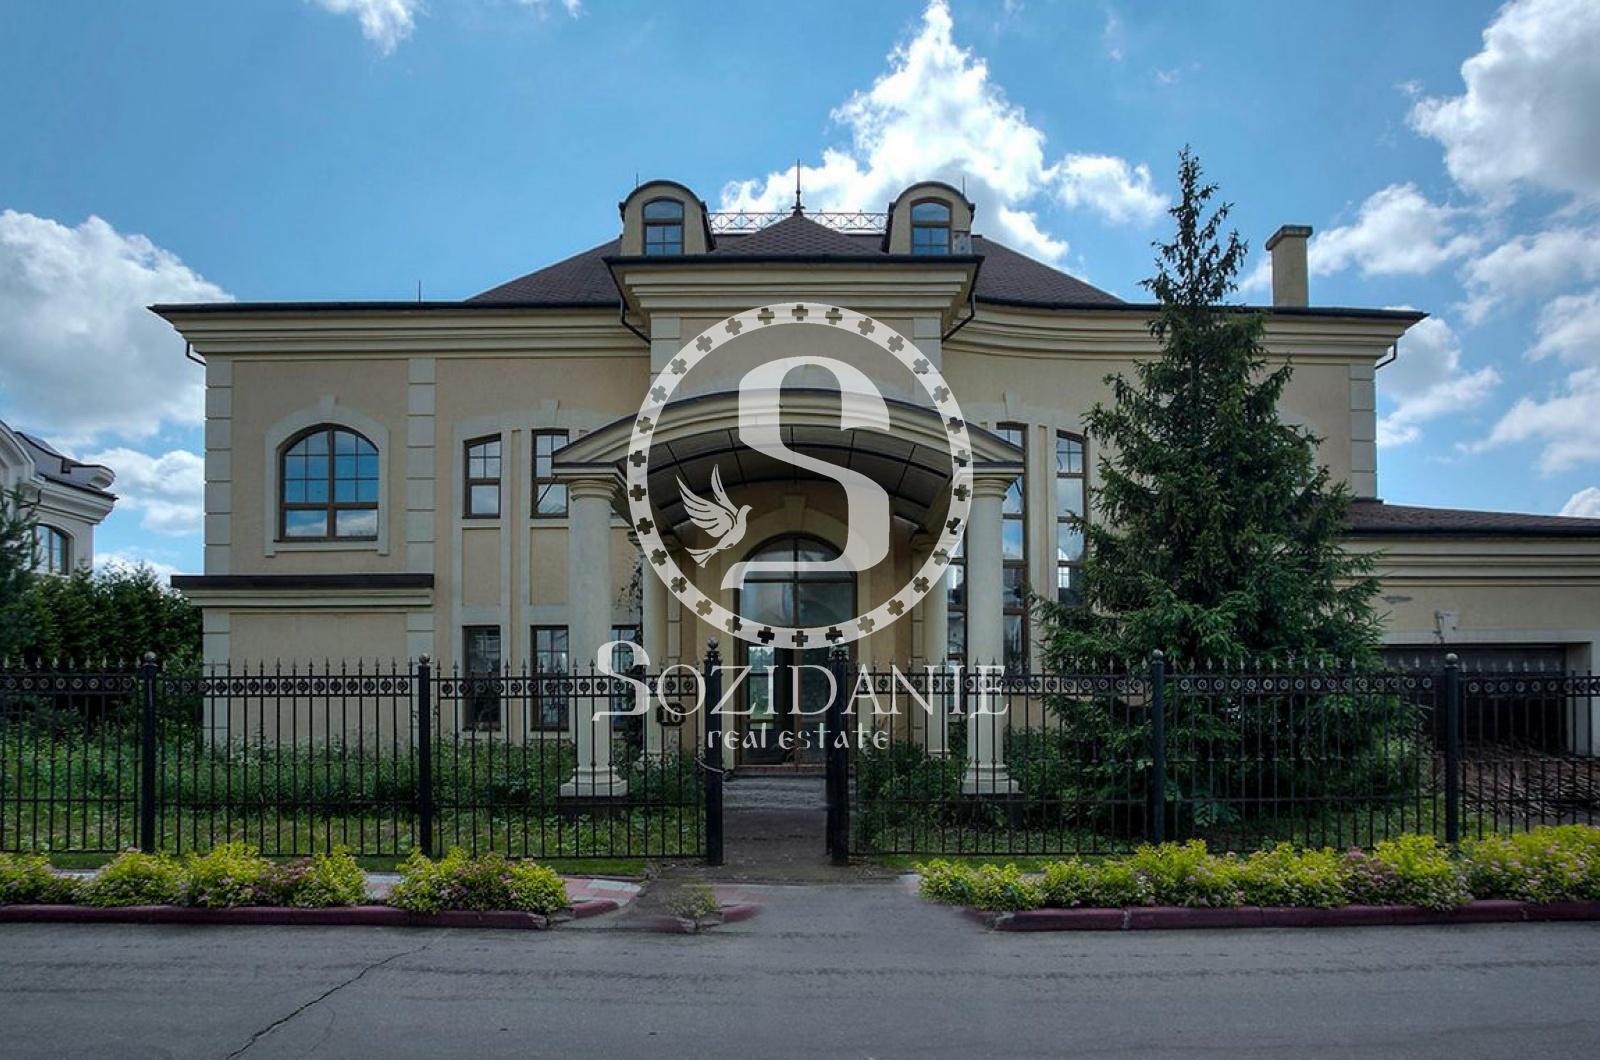 5 Bedrooms, Загородная, Продажа, Listing ID 2191, Московская область, Россия,